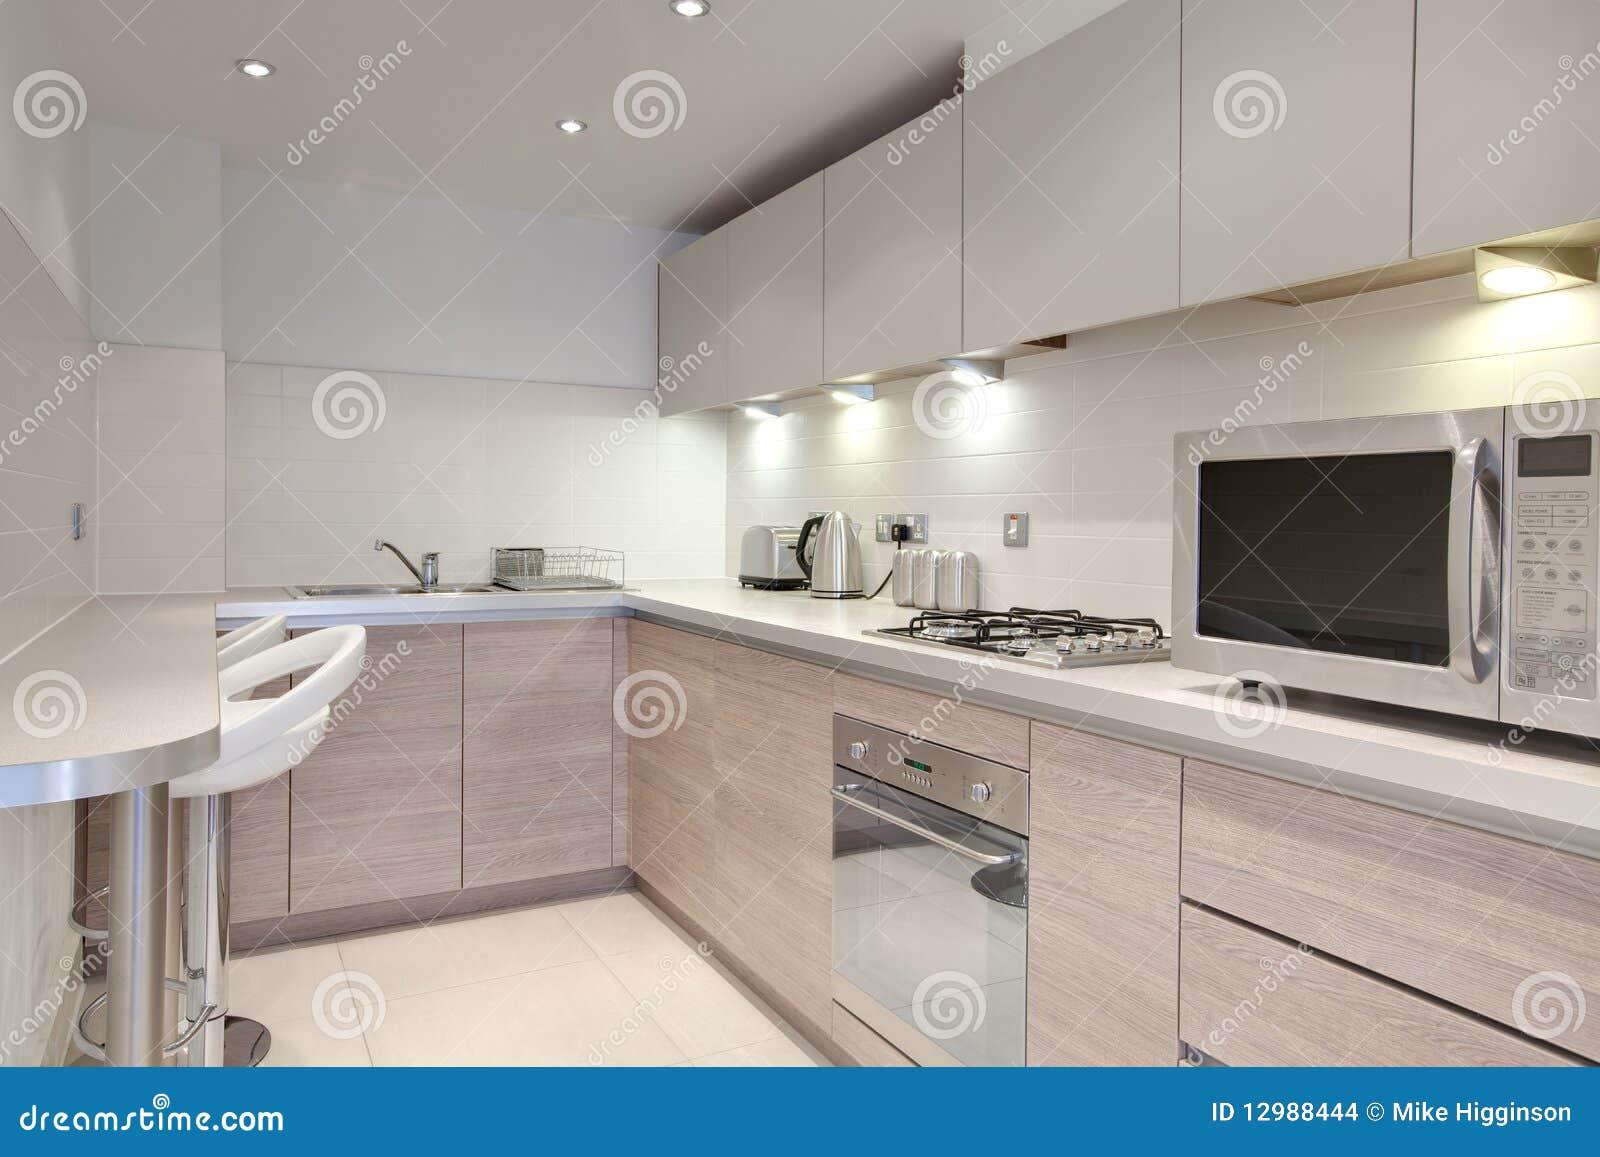 Modna Kuchnia Obrazy Stock  Obraz 12988444 -> Kuchnia Wloska Obrazy